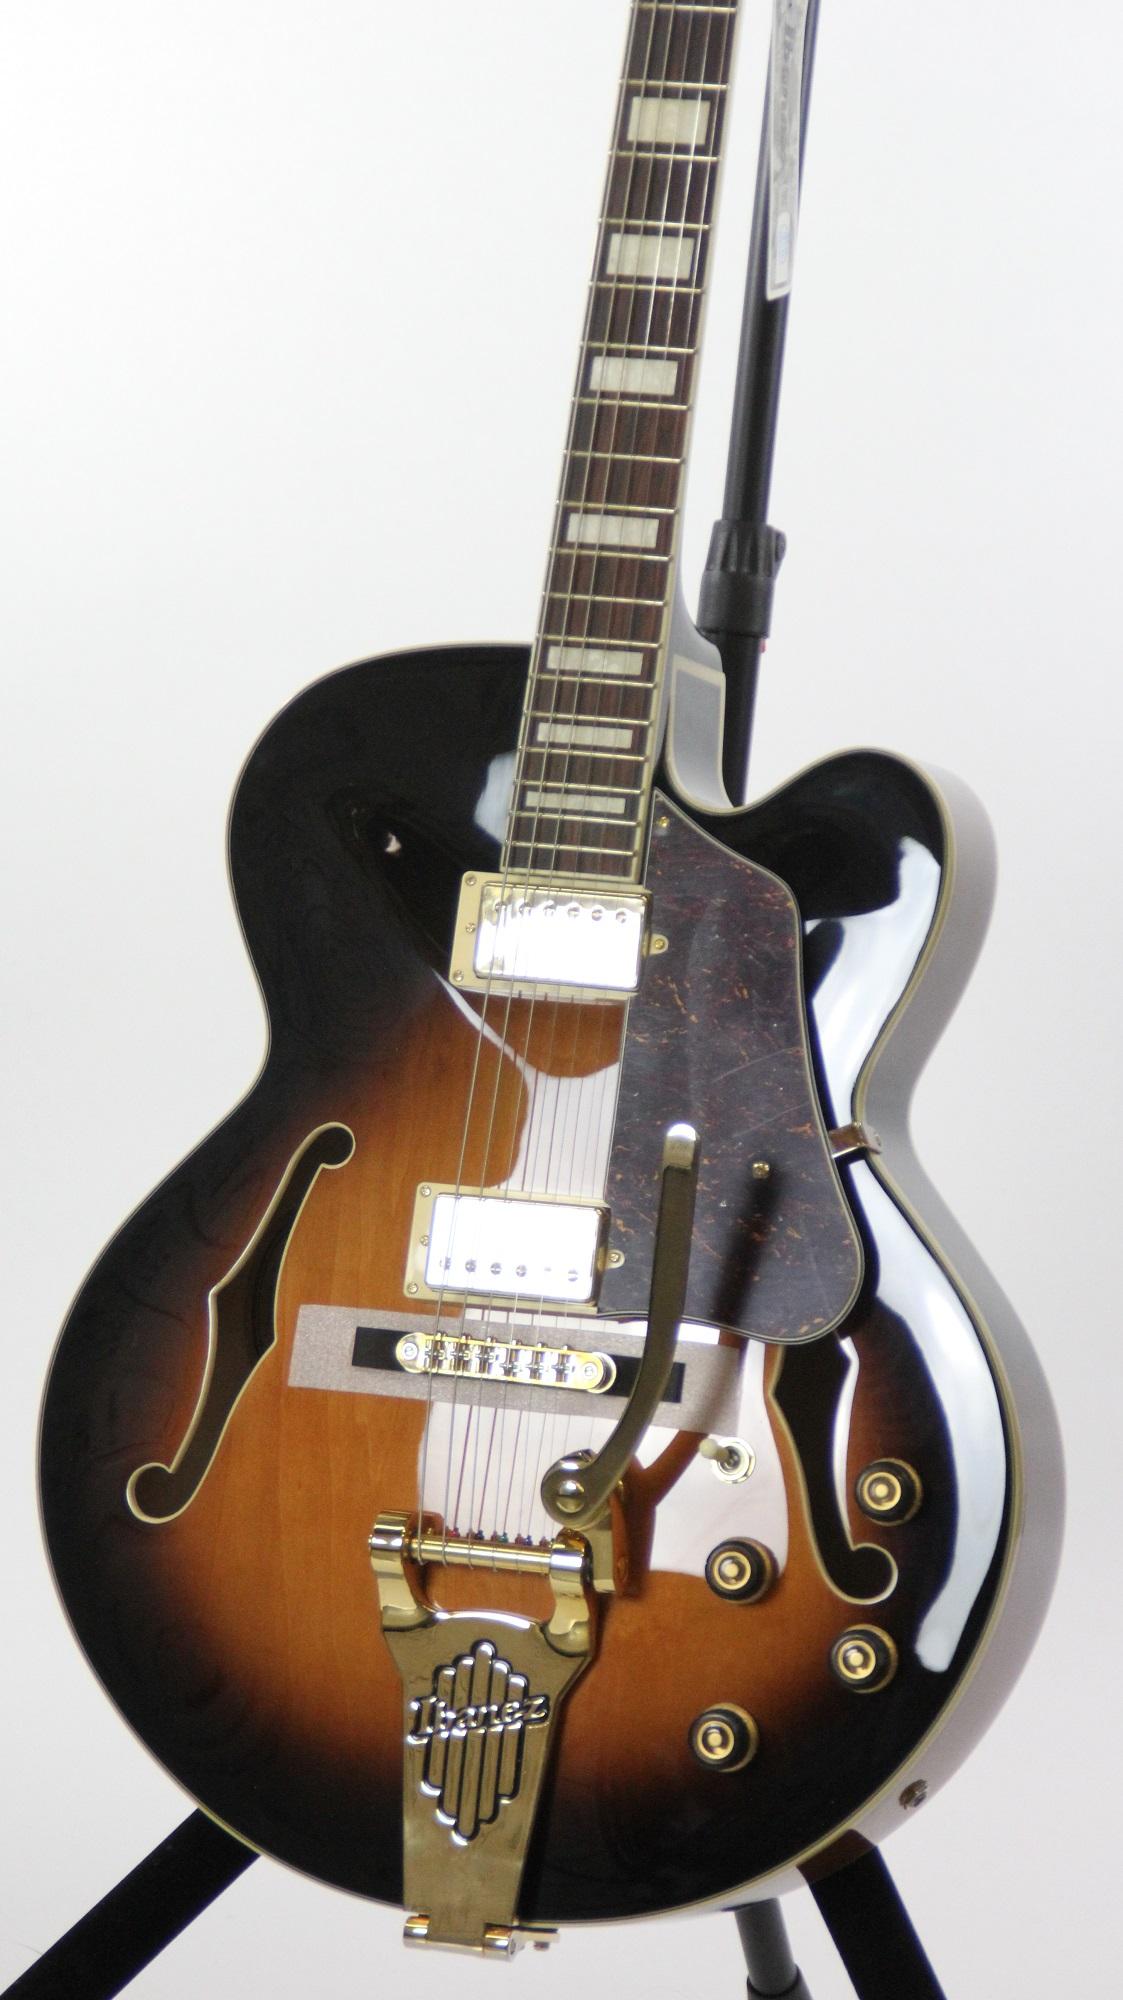 ibanez af75tdg artcore vintage sunburst hollow body jazz box electric guitar ebay. Black Bedroom Furniture Sets. Home Design Ideas